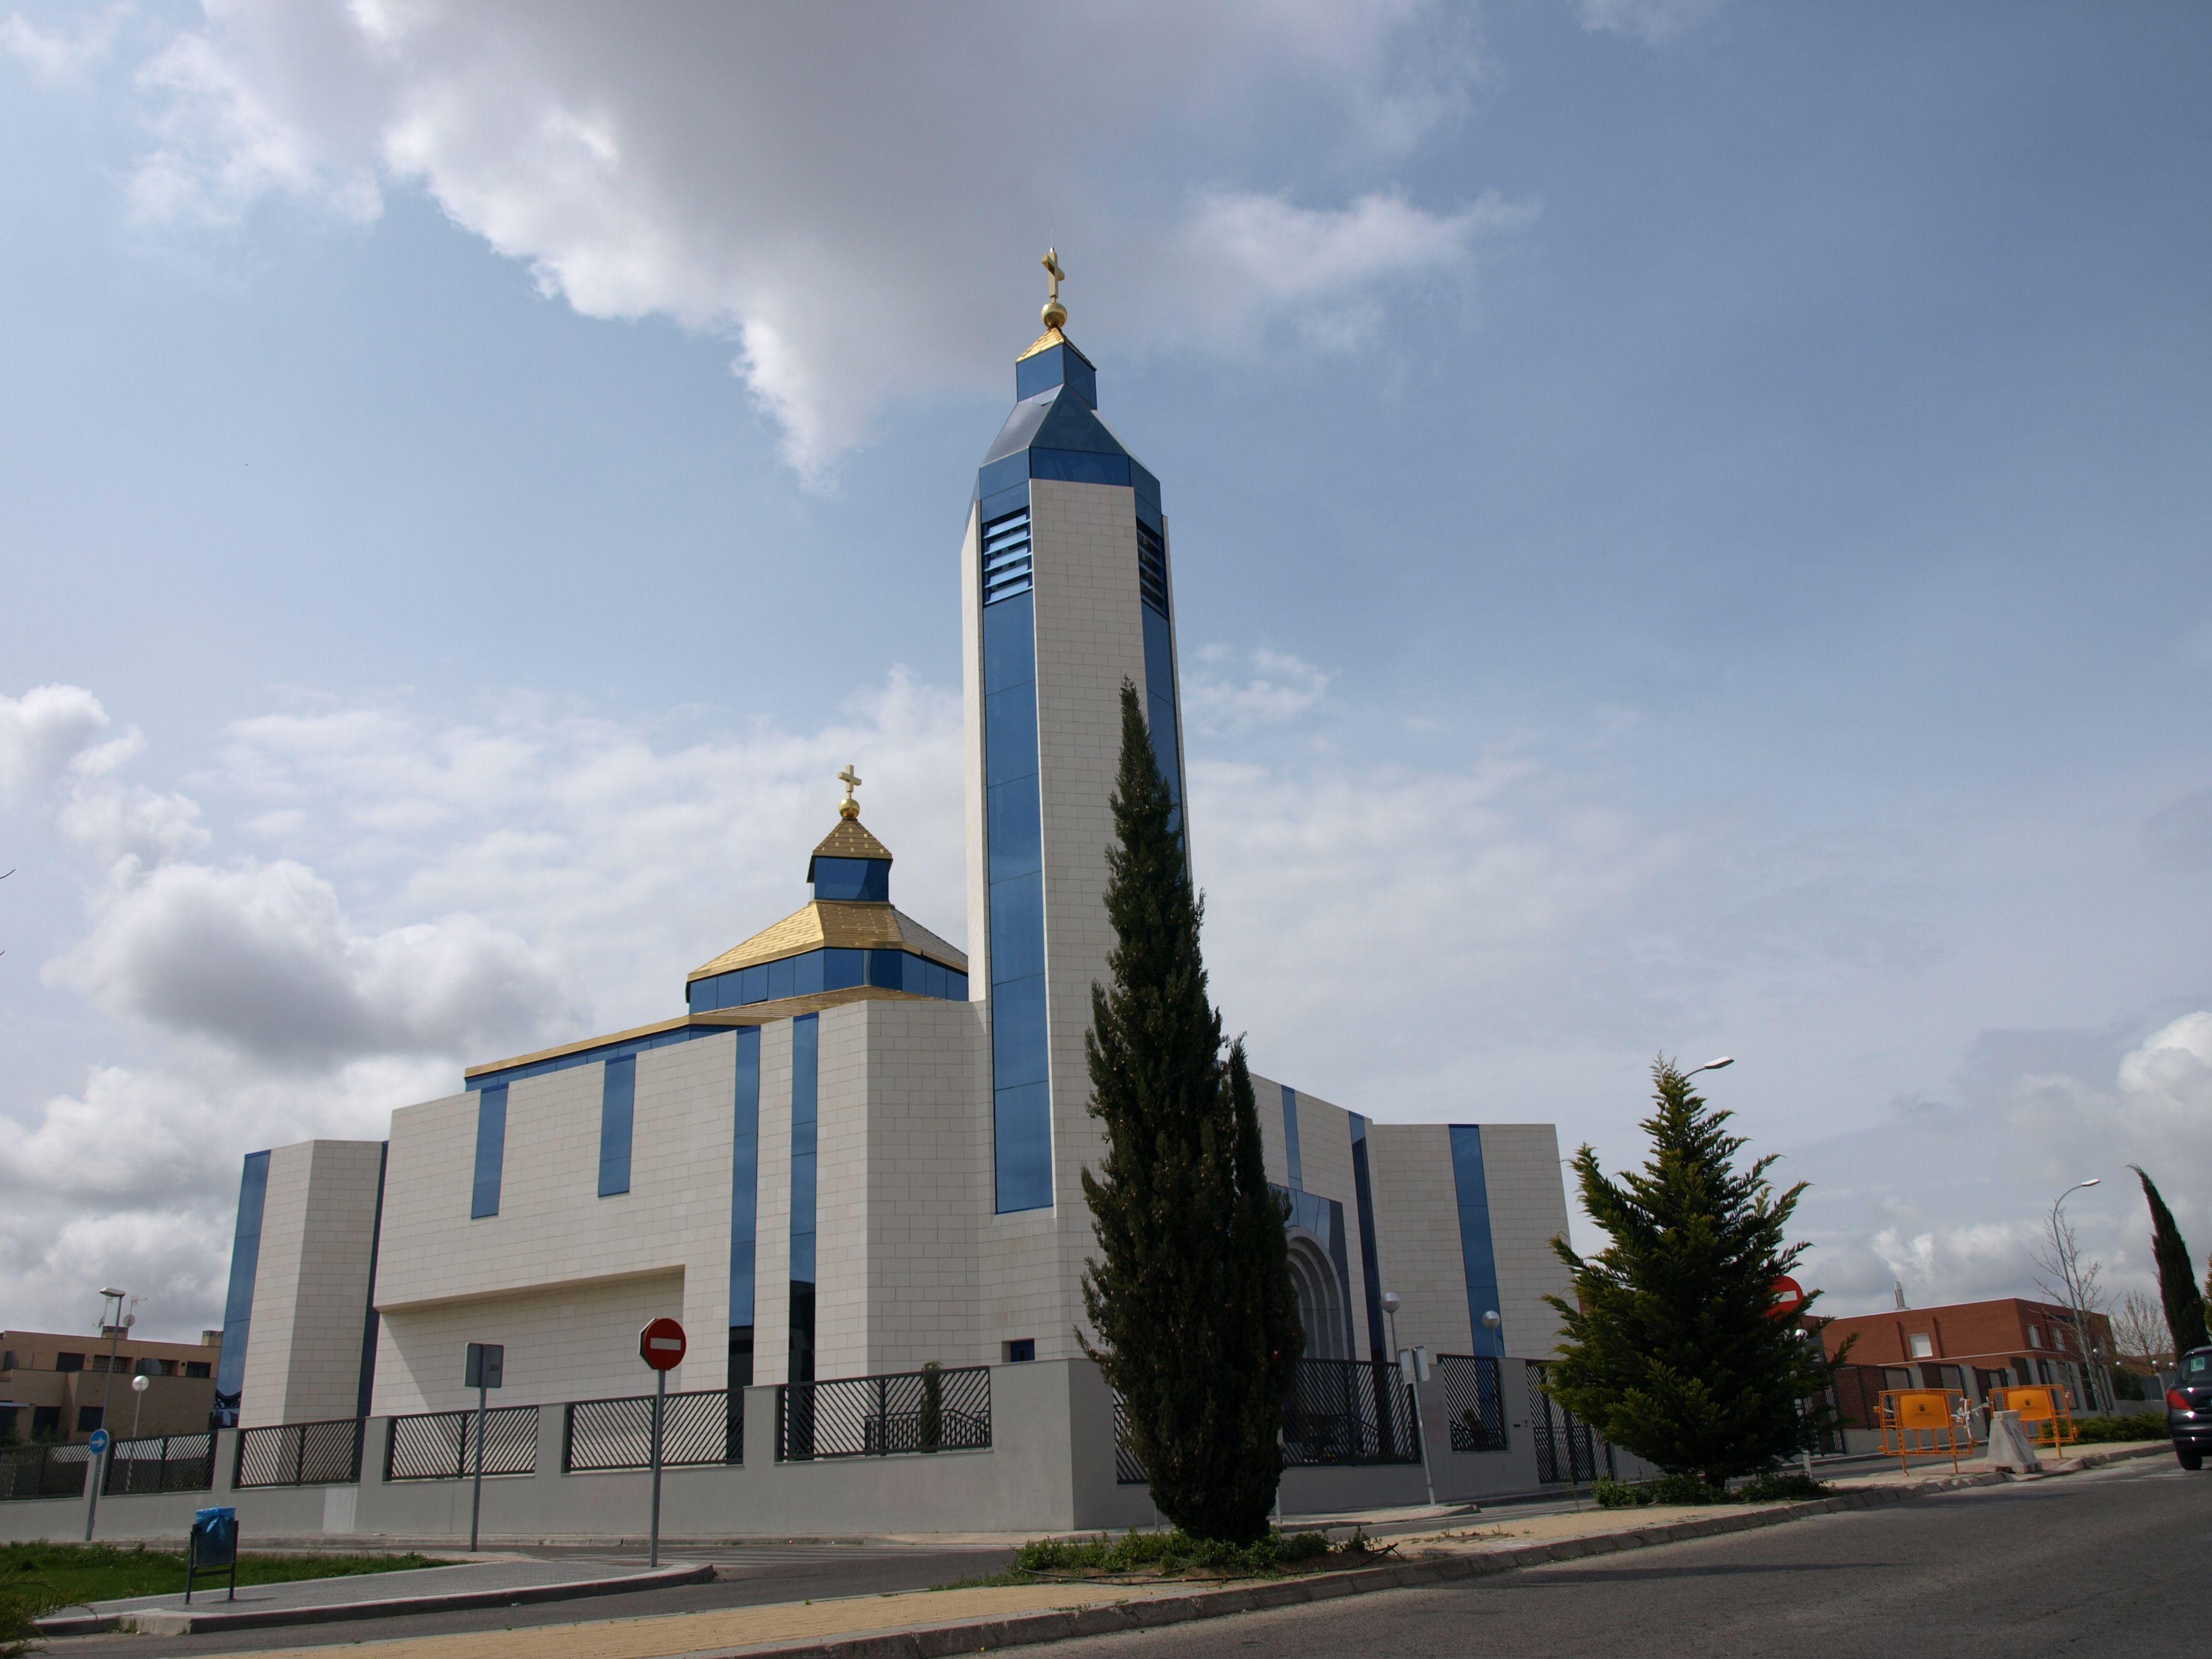 Parroquia Nuestra Señora Del Pilar Valdemoro Búscala En Facebook Comunidad De Madrid Del Pilar Día De La Hispanidad